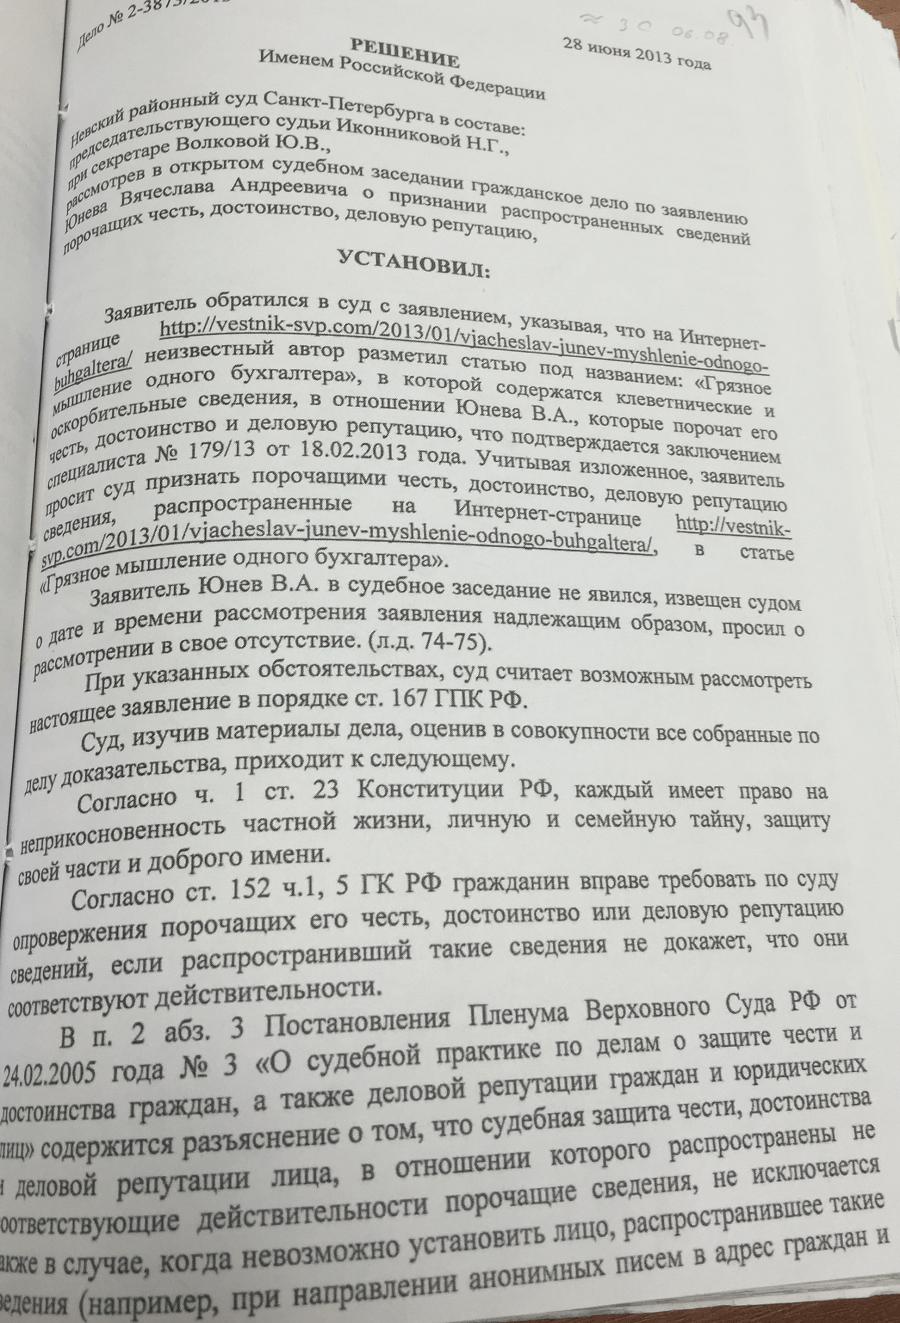 решение-по-делу-судья-иконникова-наталья-геннадьевна-1